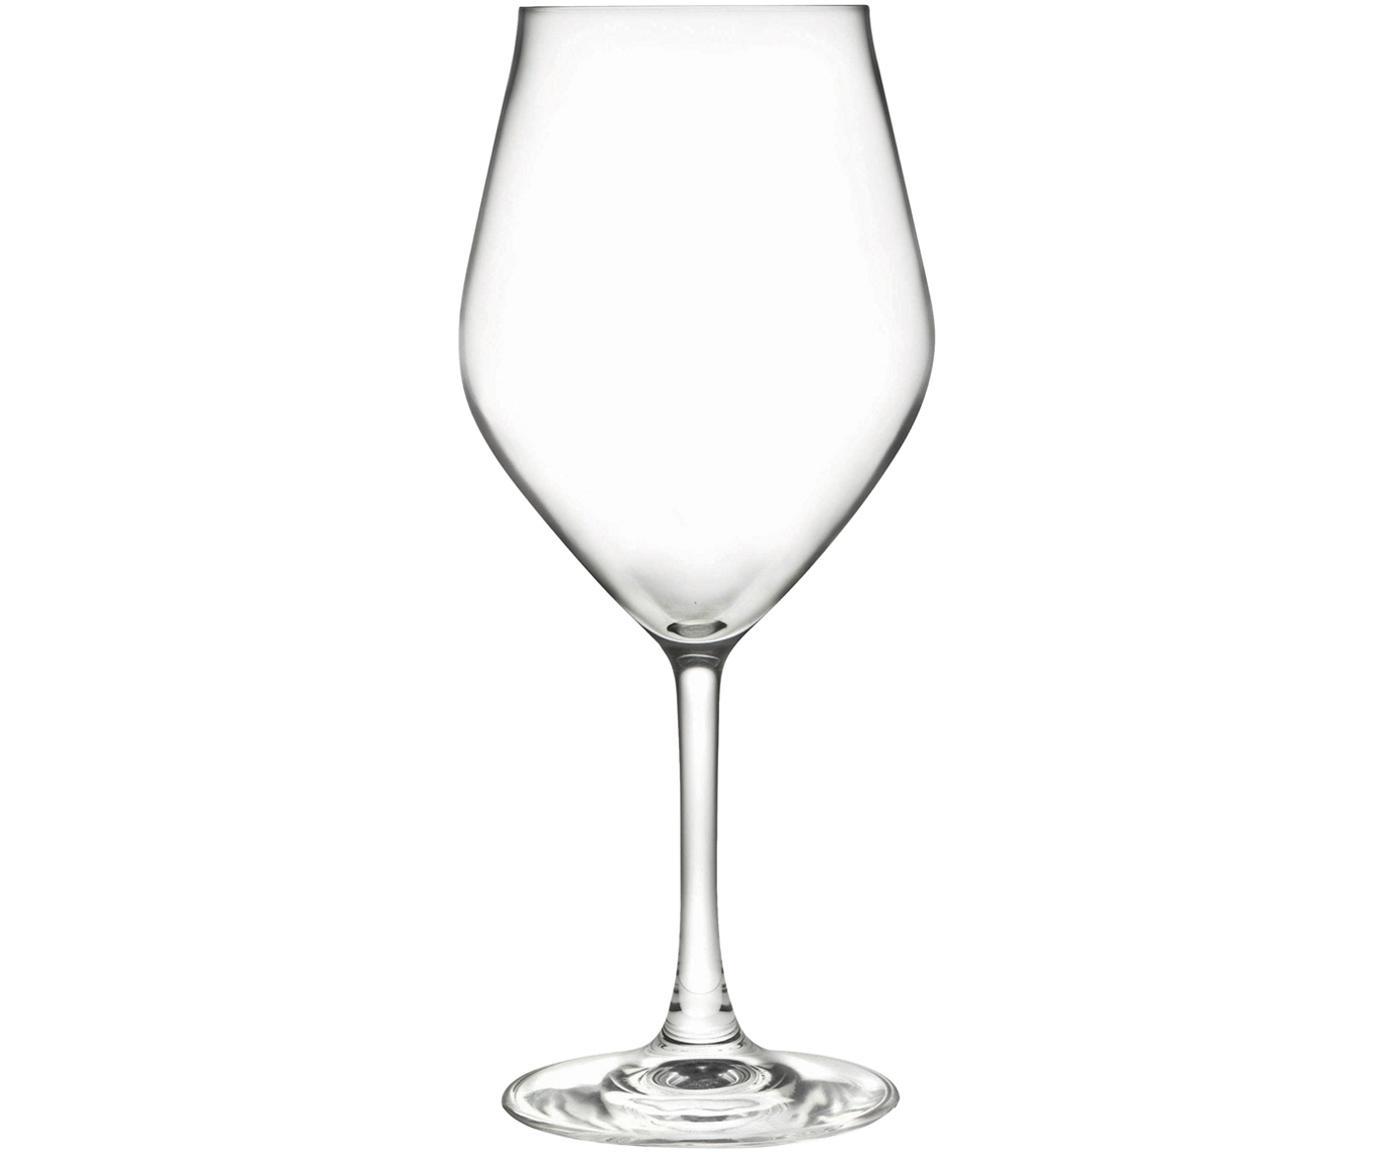 Kieliszek do wina białego z kryształu Eno, 6 szt., Szkło kryształowe, Transparentny, Ø 10 x 22 cm